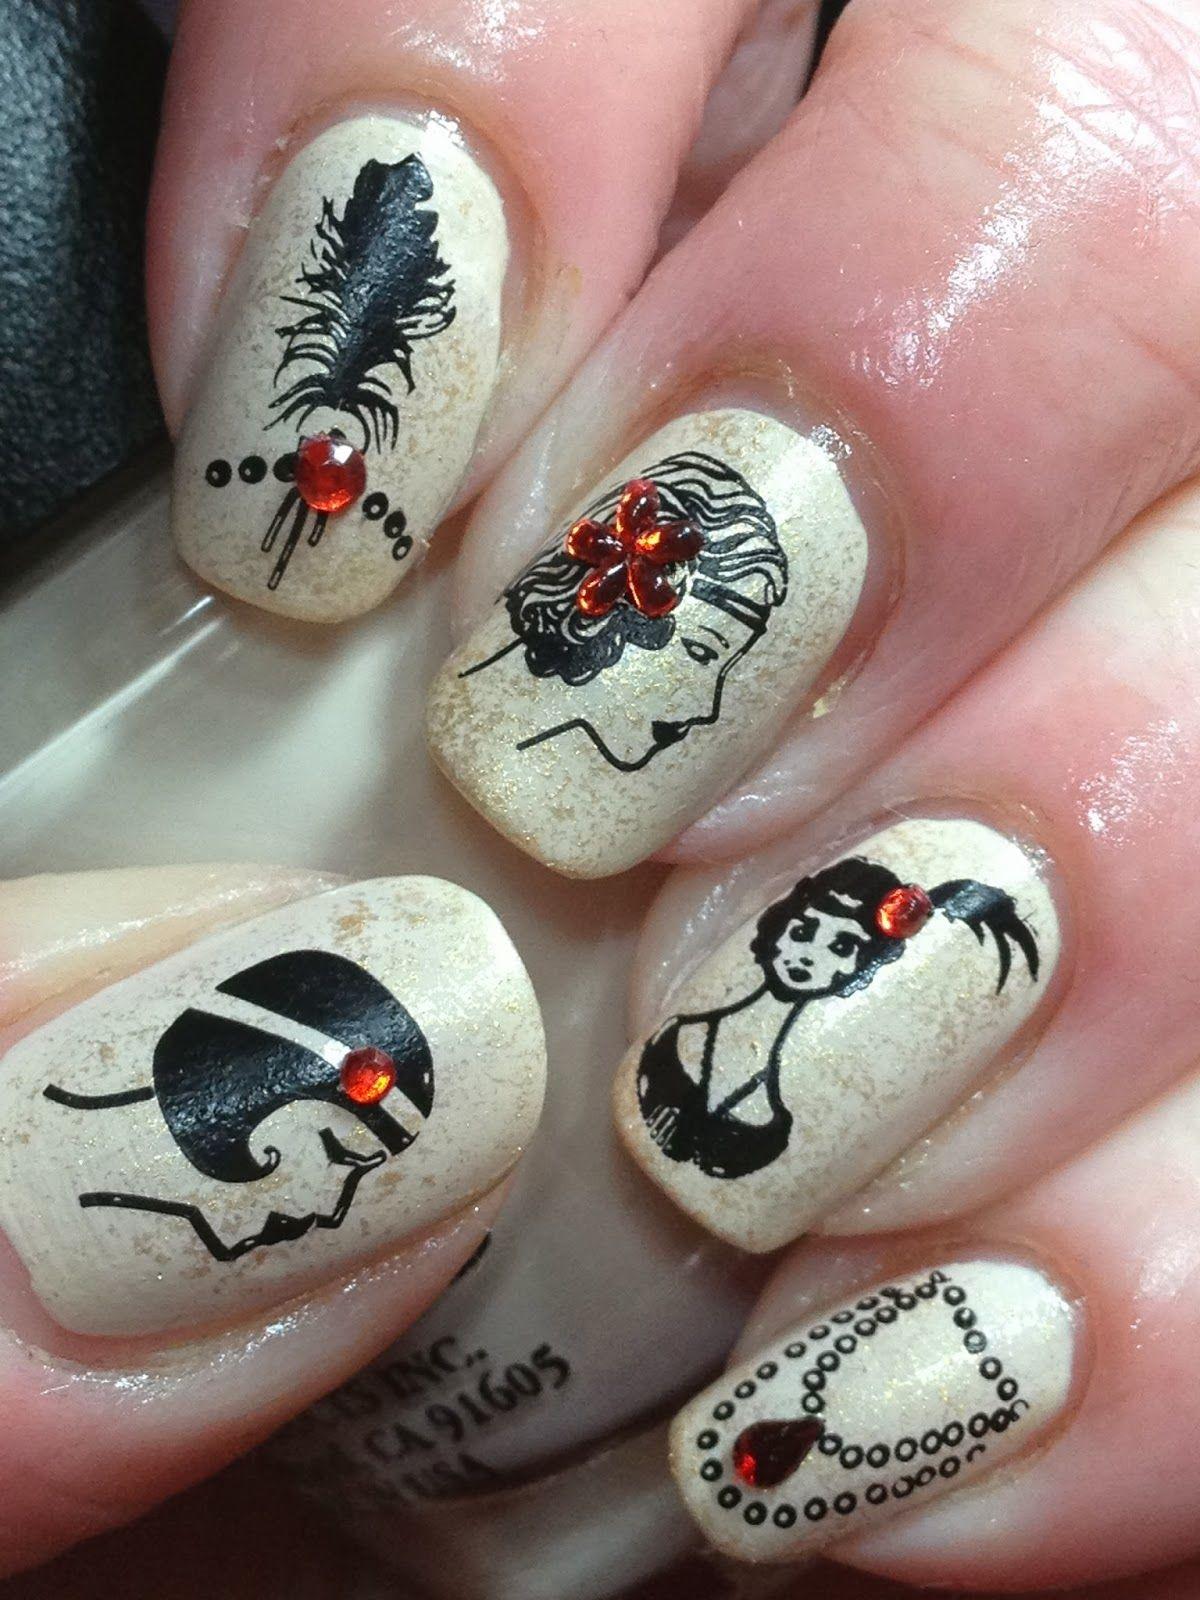 Nailsquenalbertini 1920s nail art designs nails n2 nailsquenalbertini 1920s nail art designs prinsesfo Images